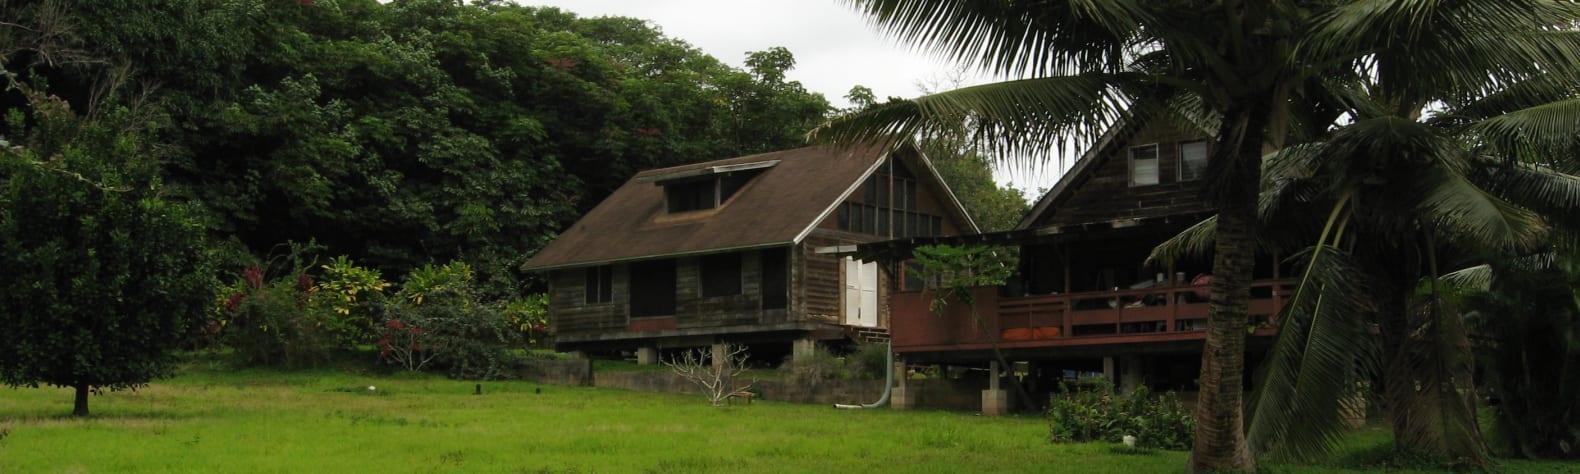 Ahupuaʻa ʻO Kahana State Park